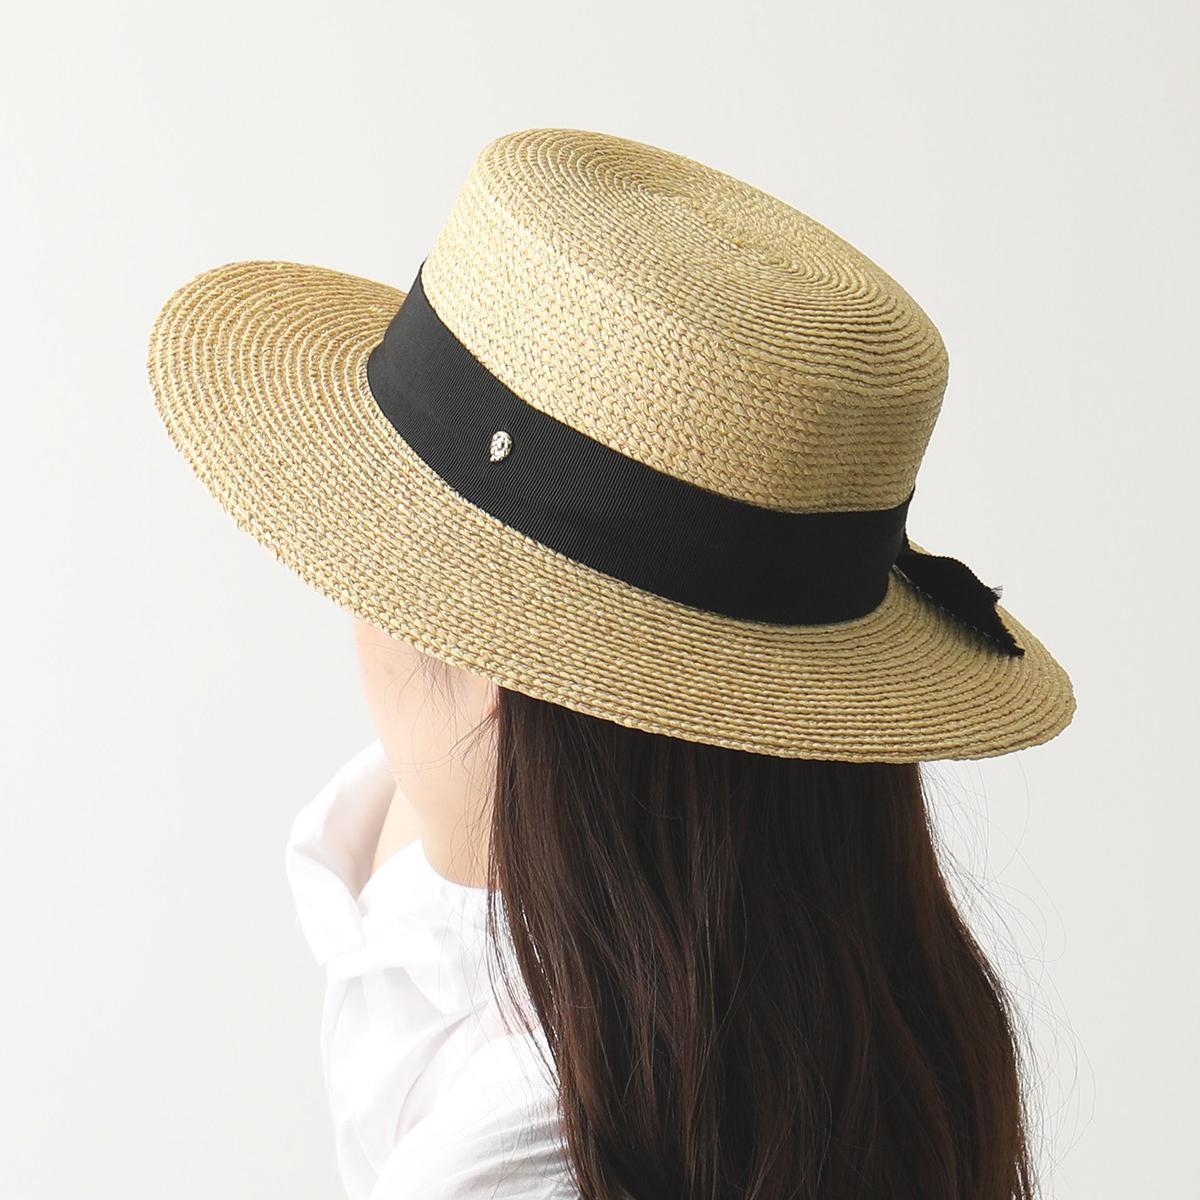 【エントリーでポイント最大13倍!10日21時~23時59まで】HELEN KAMINSKI ヘレンカミンスキー Circe ラフィア ハット カンカン帽 帽子 UPF50+ Natural/Black レディース